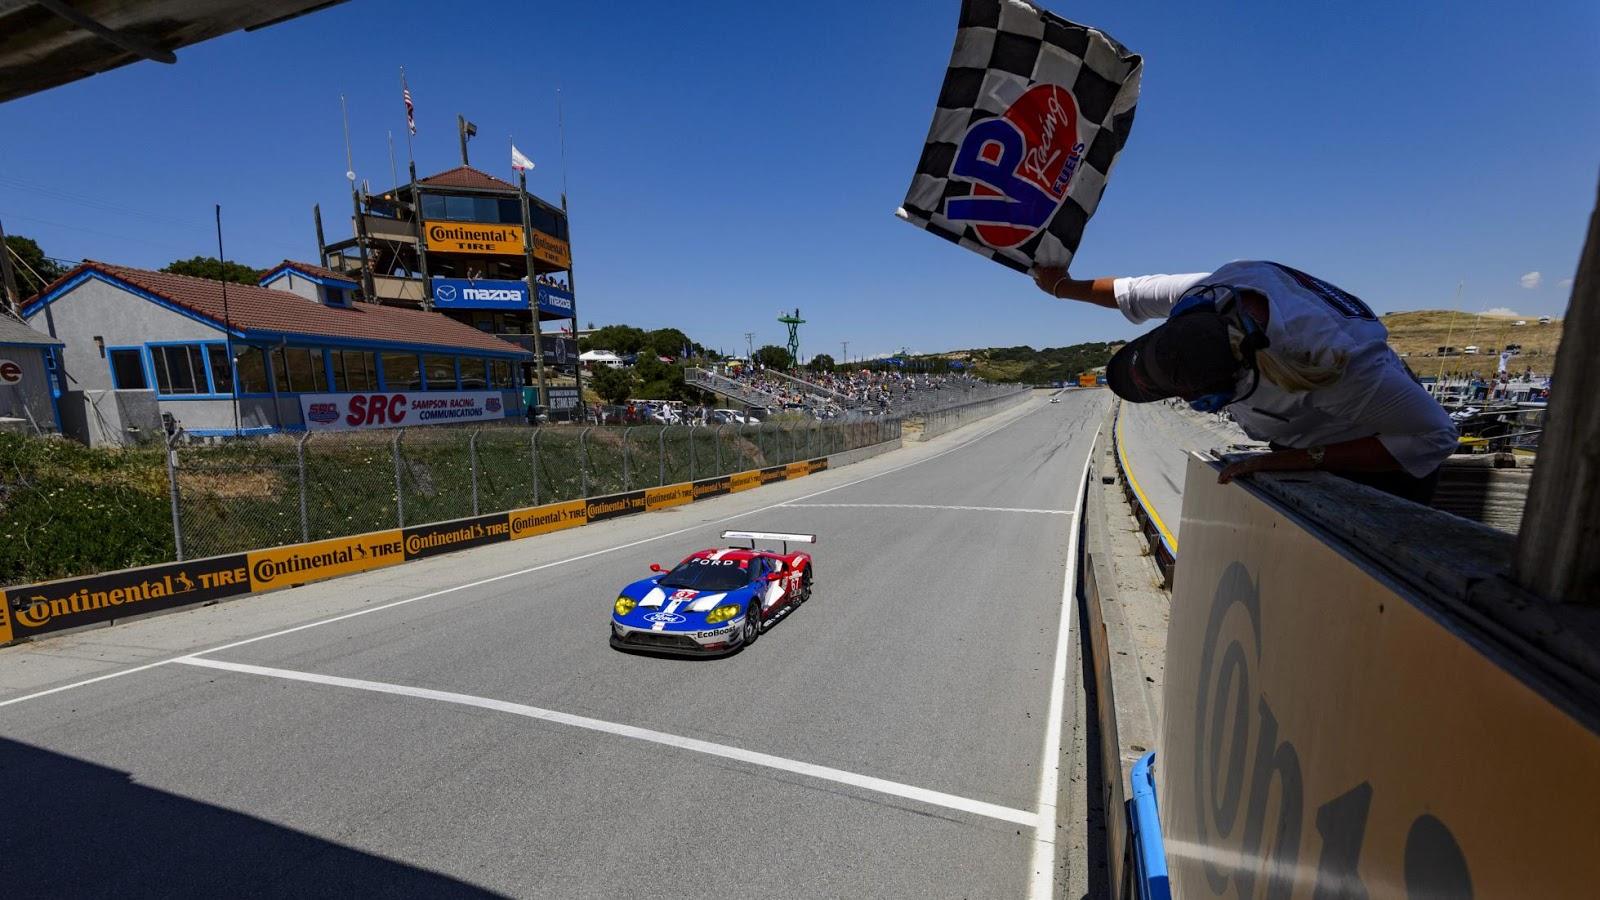 Siêu xe Ford GT có chiến thắng đầu tiên tại Laguna Seca